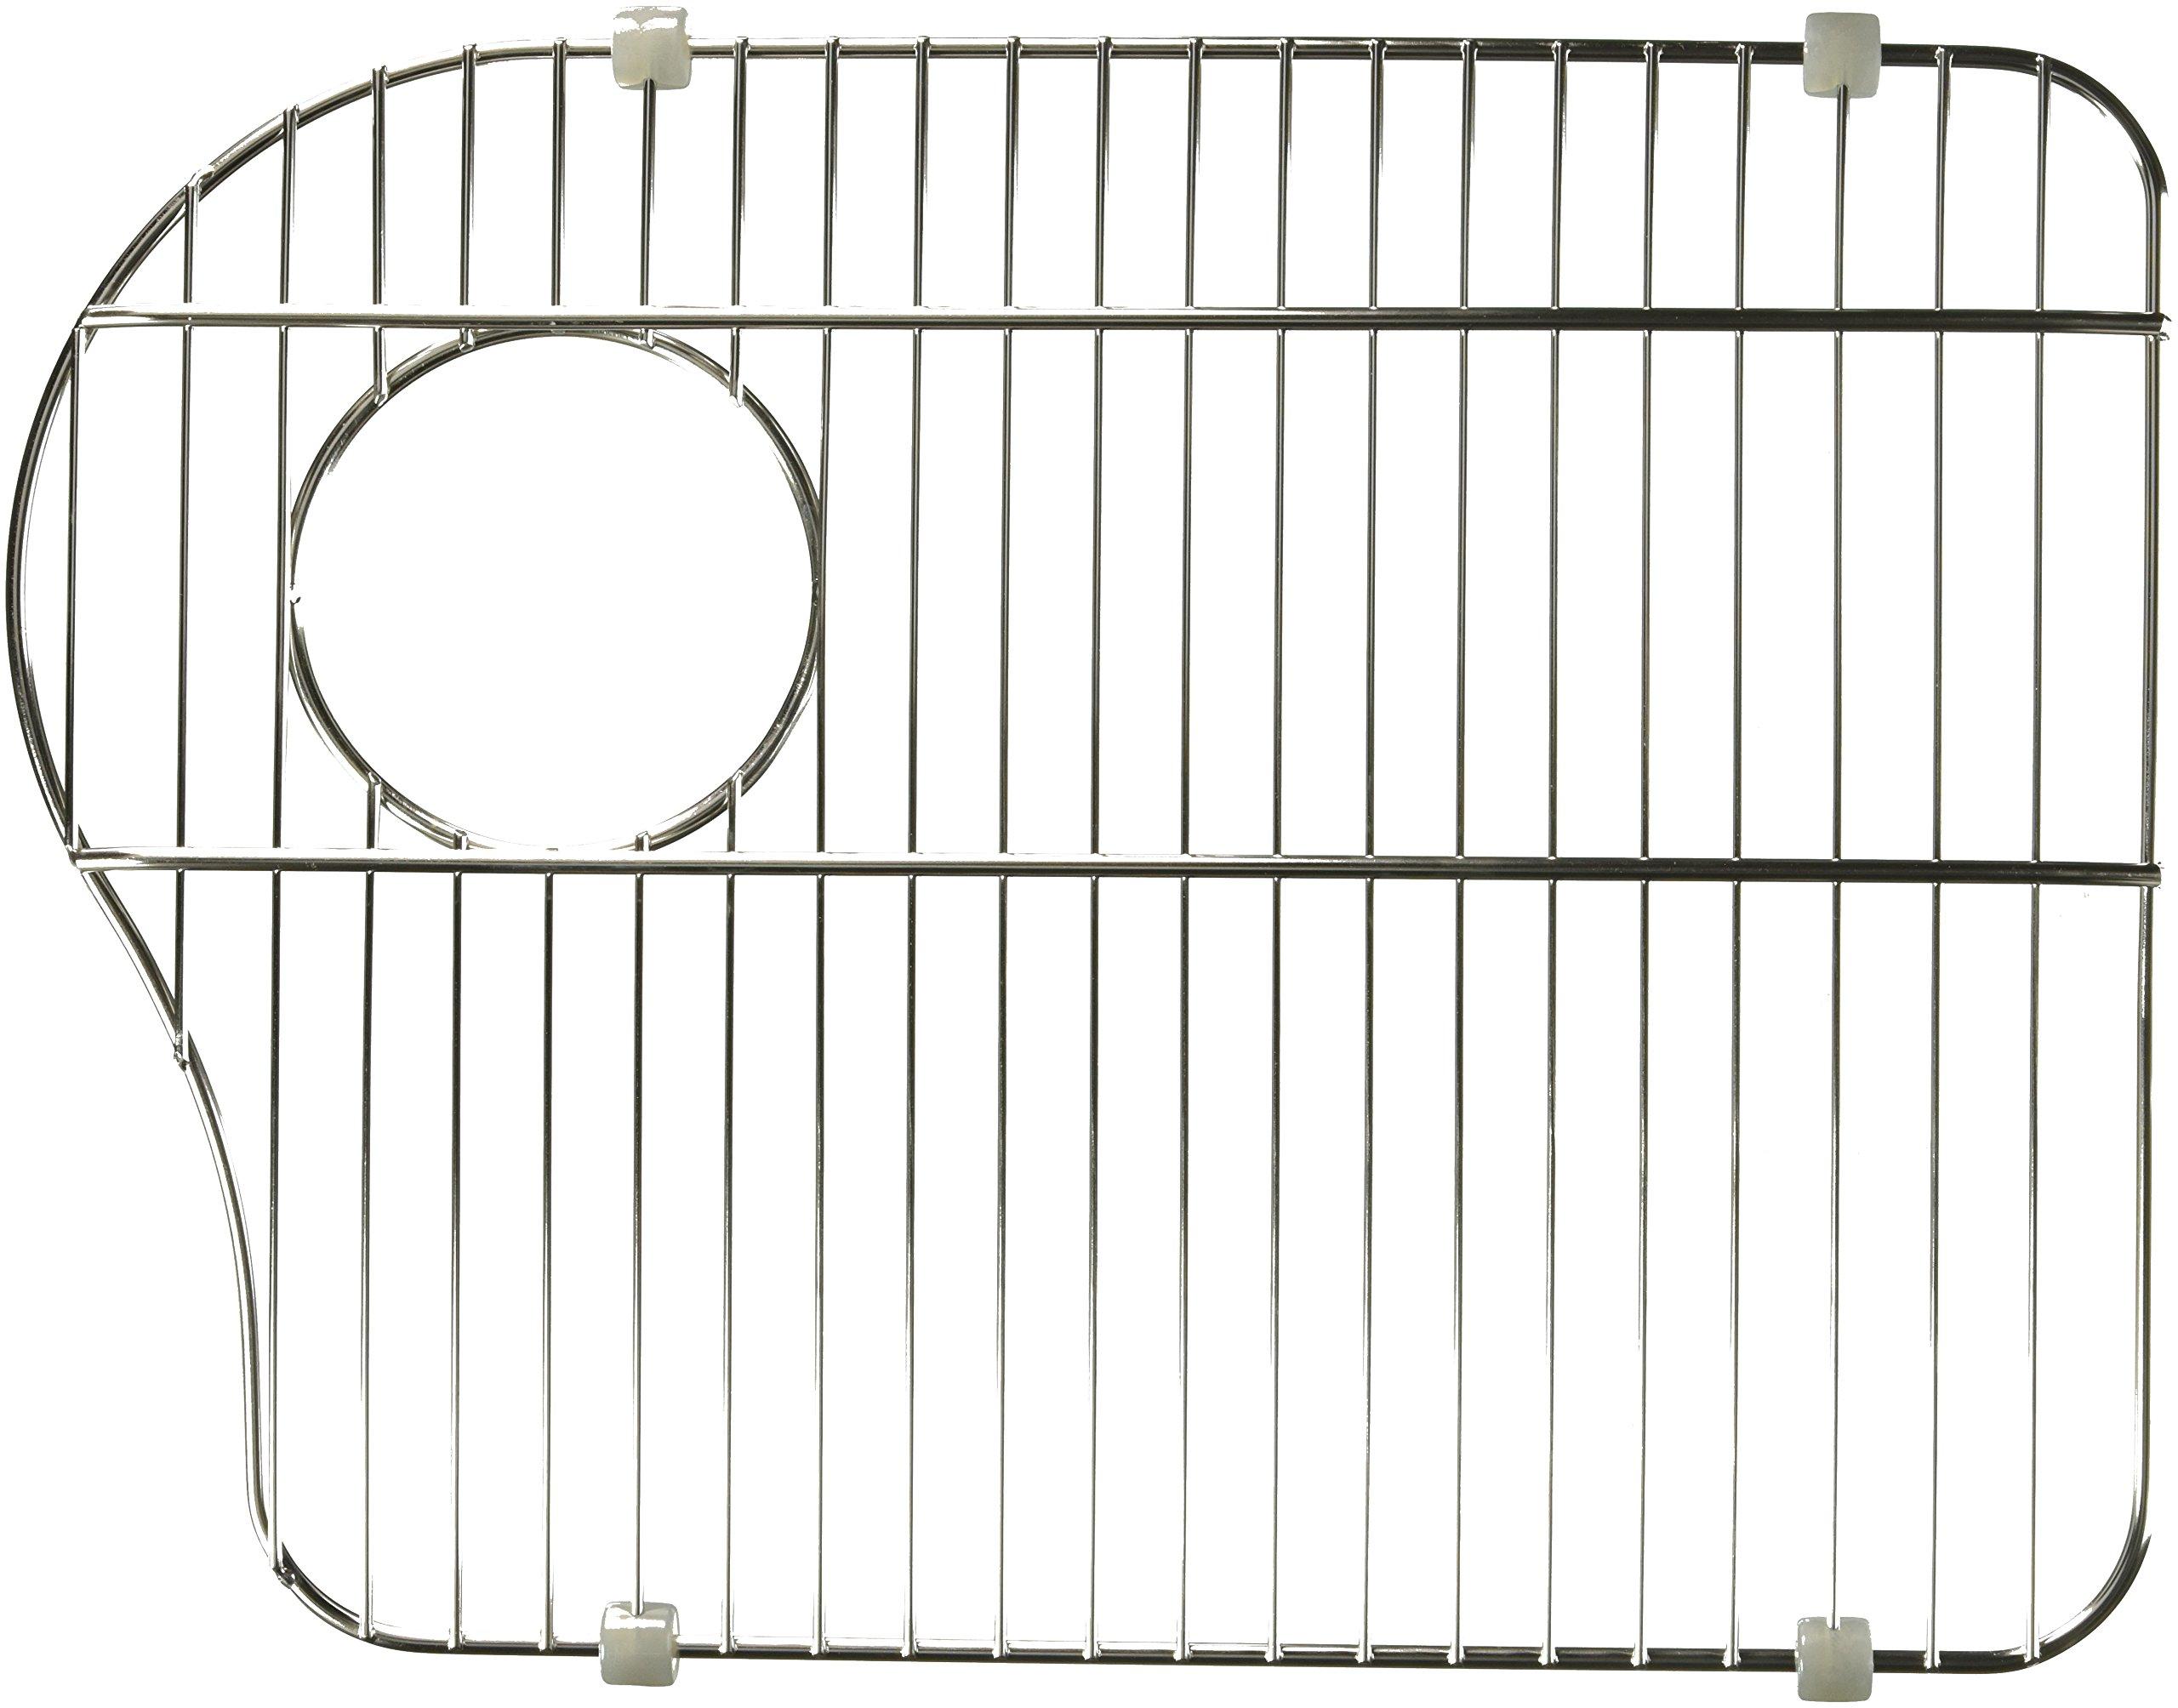 Kohler 5133-ST Hartland Stainless Steel Sink Rack for Left-Hand Bowl